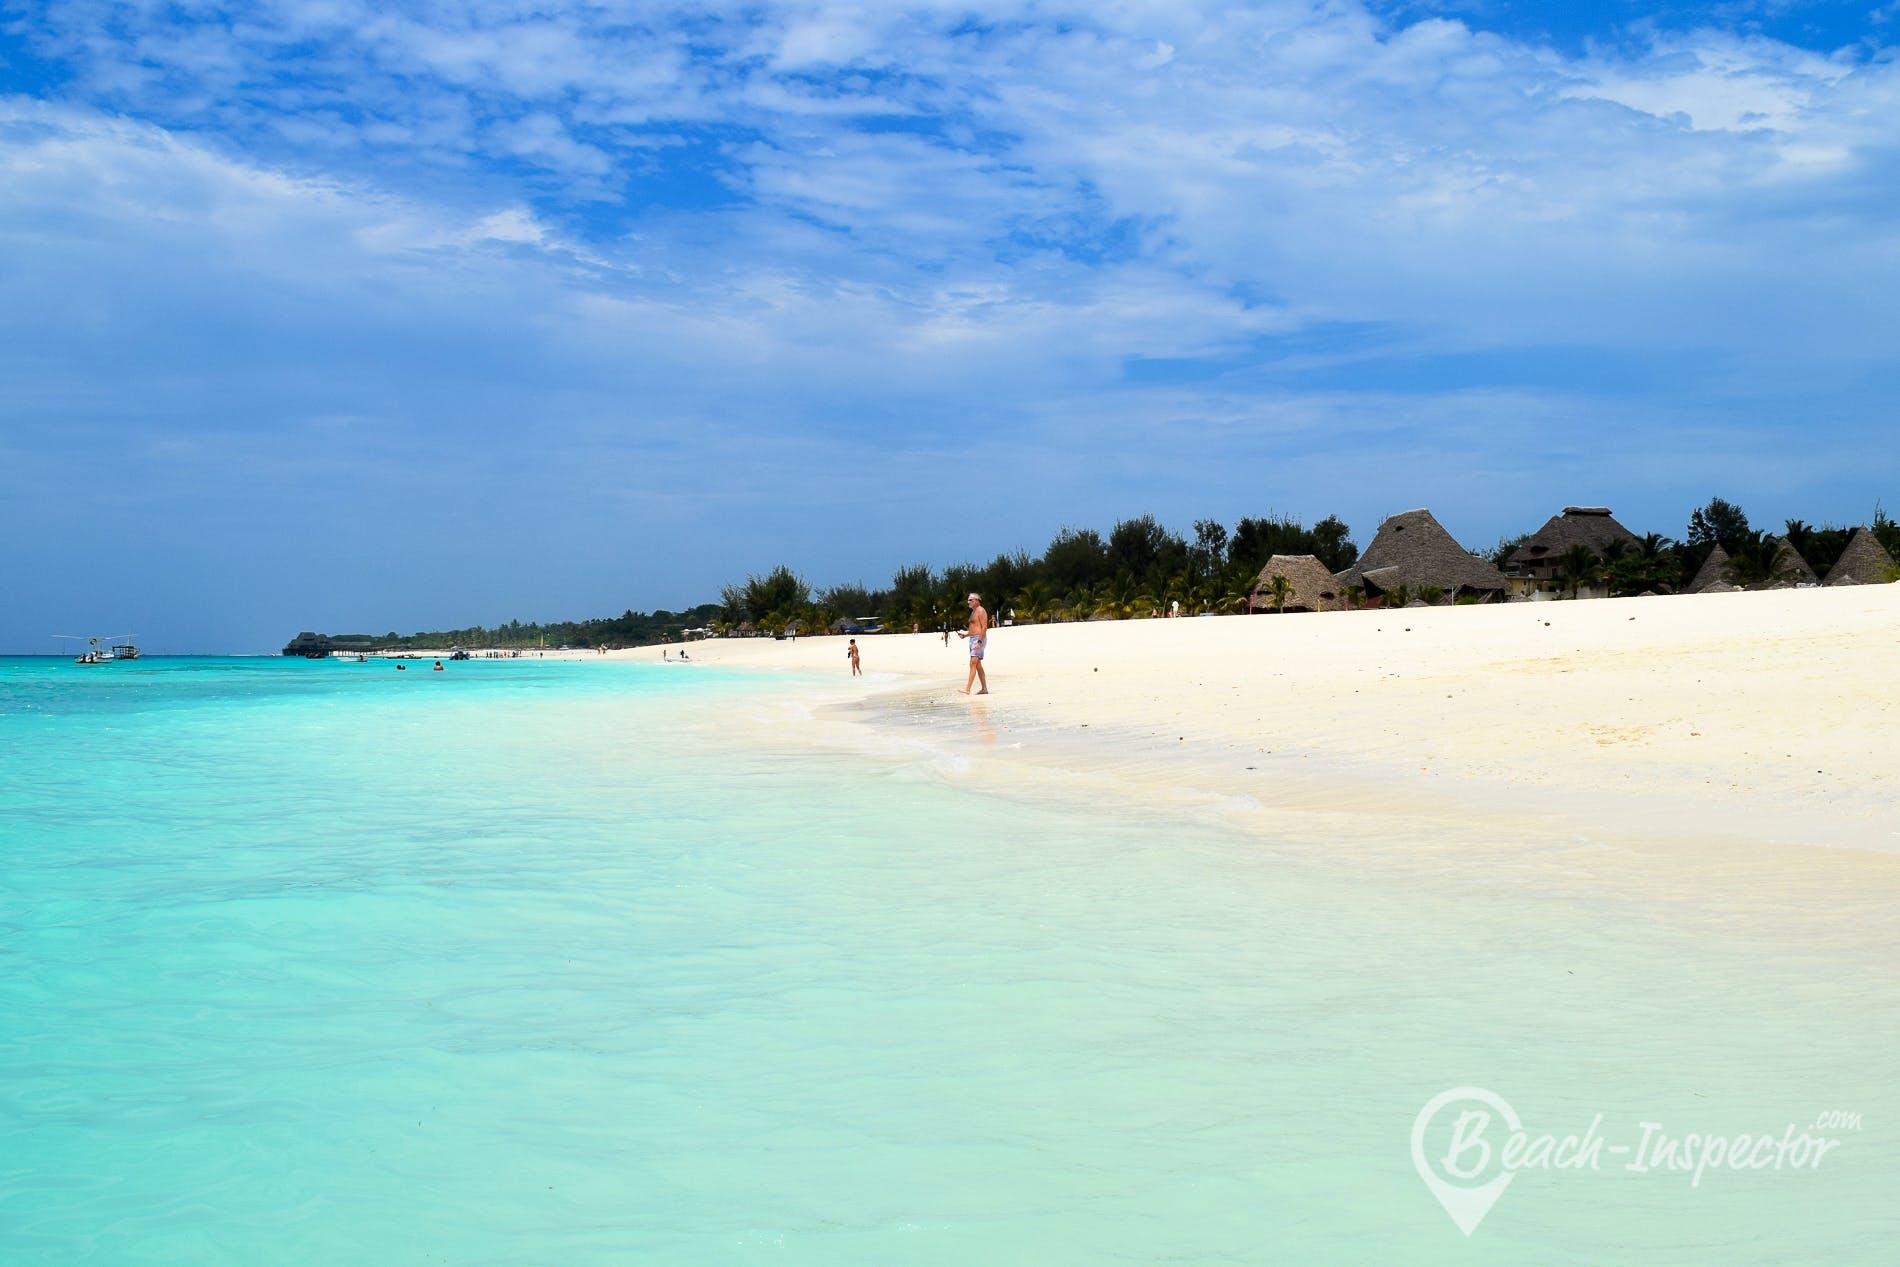 Beach Kendwa Beach, Zanzibar,